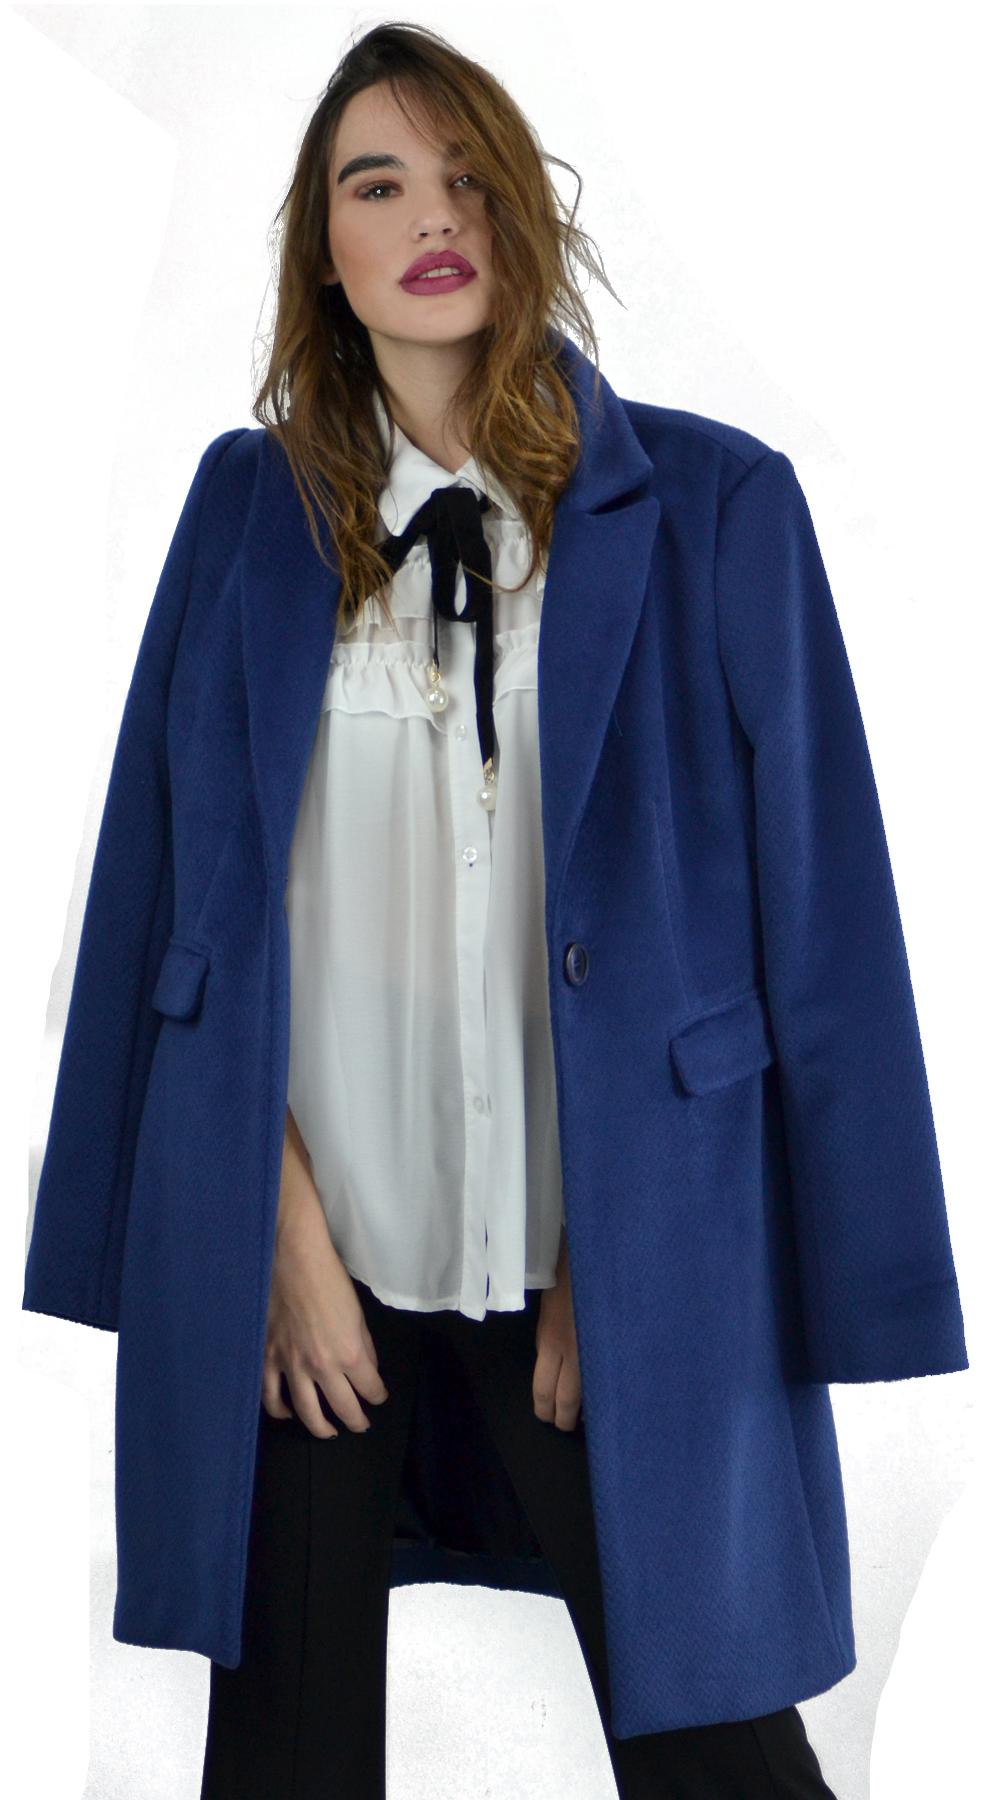 166779034b2 Γυναικείο lux παλτό μάλλινο με ζώνη και τσέπες - LOVE ME - W18LV-43850